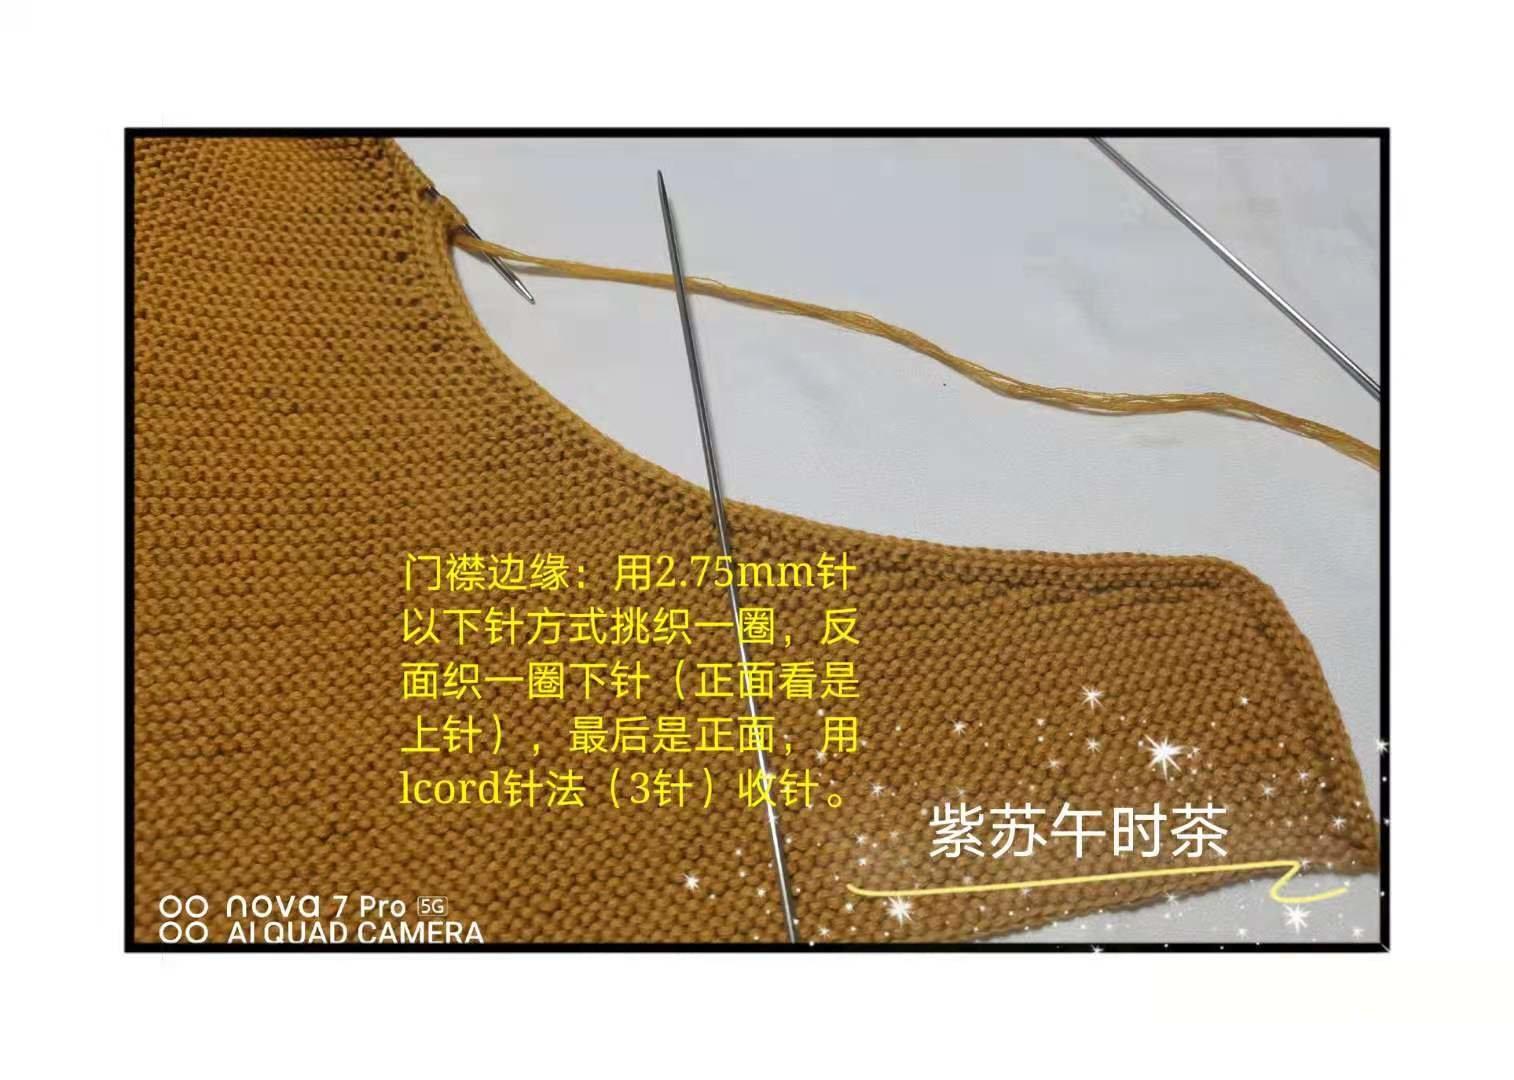 微信图片_20210330202616.jpg